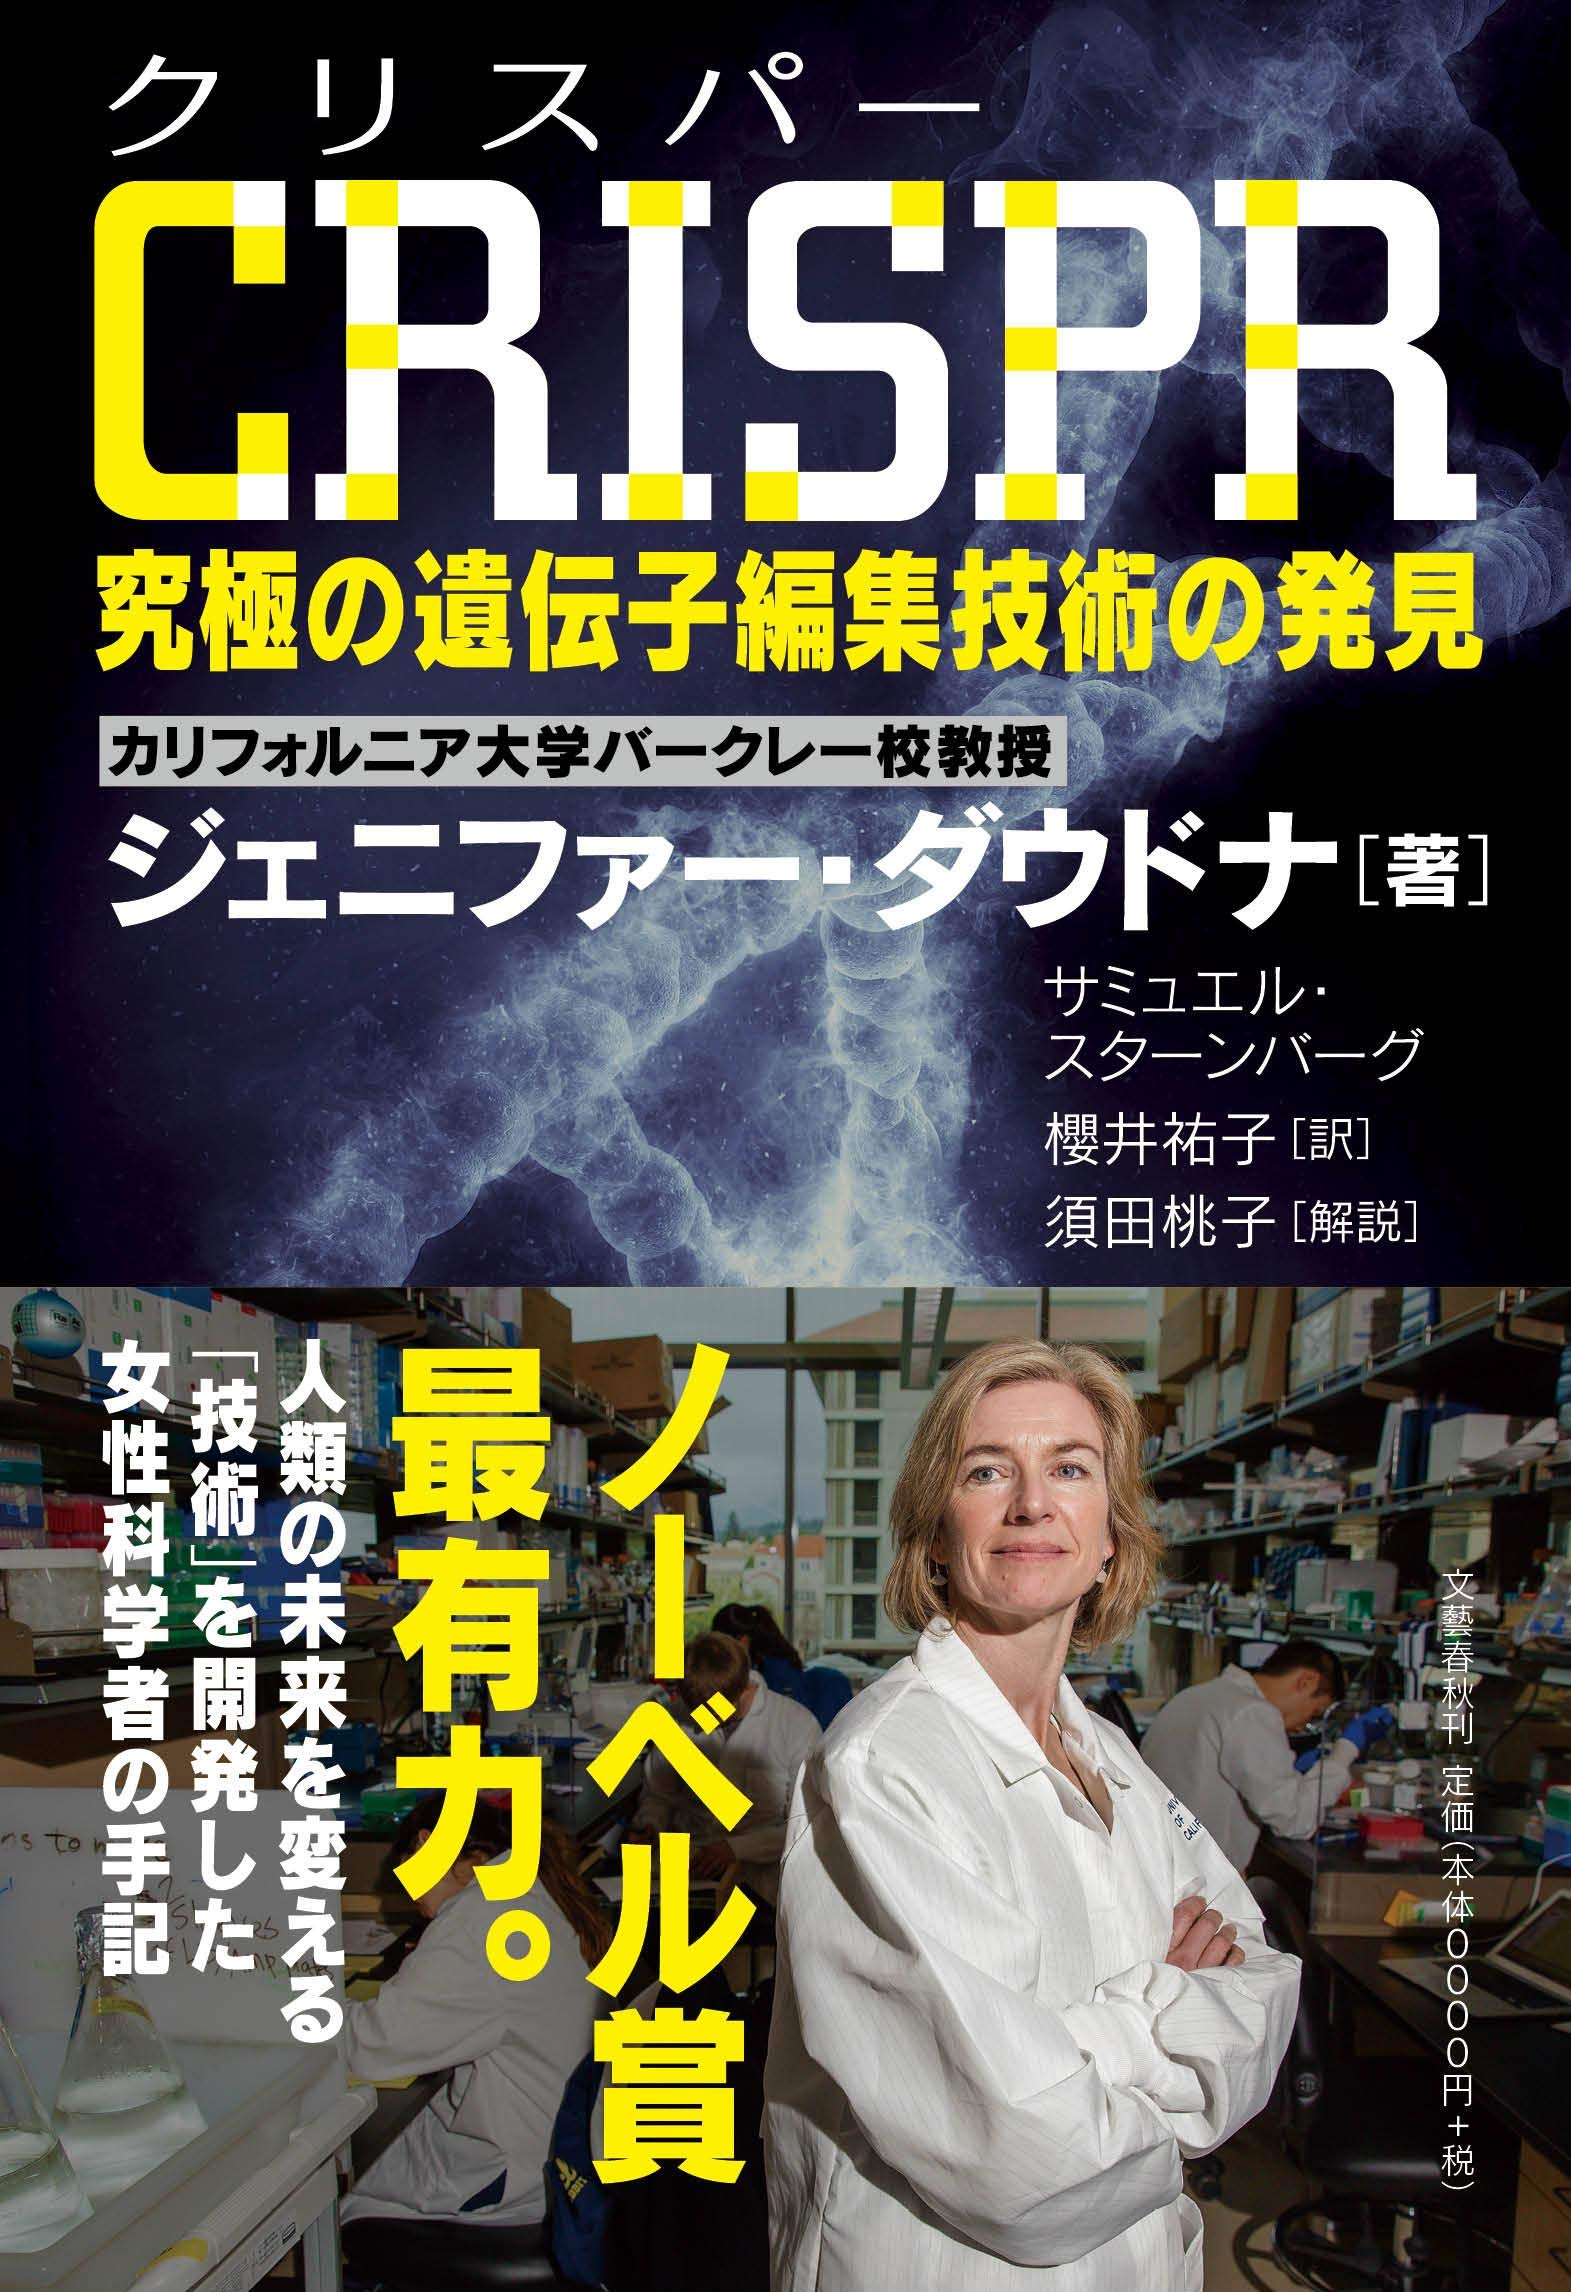 CRISPR(クリスパー)─究極の遺伝子編集技術の発見